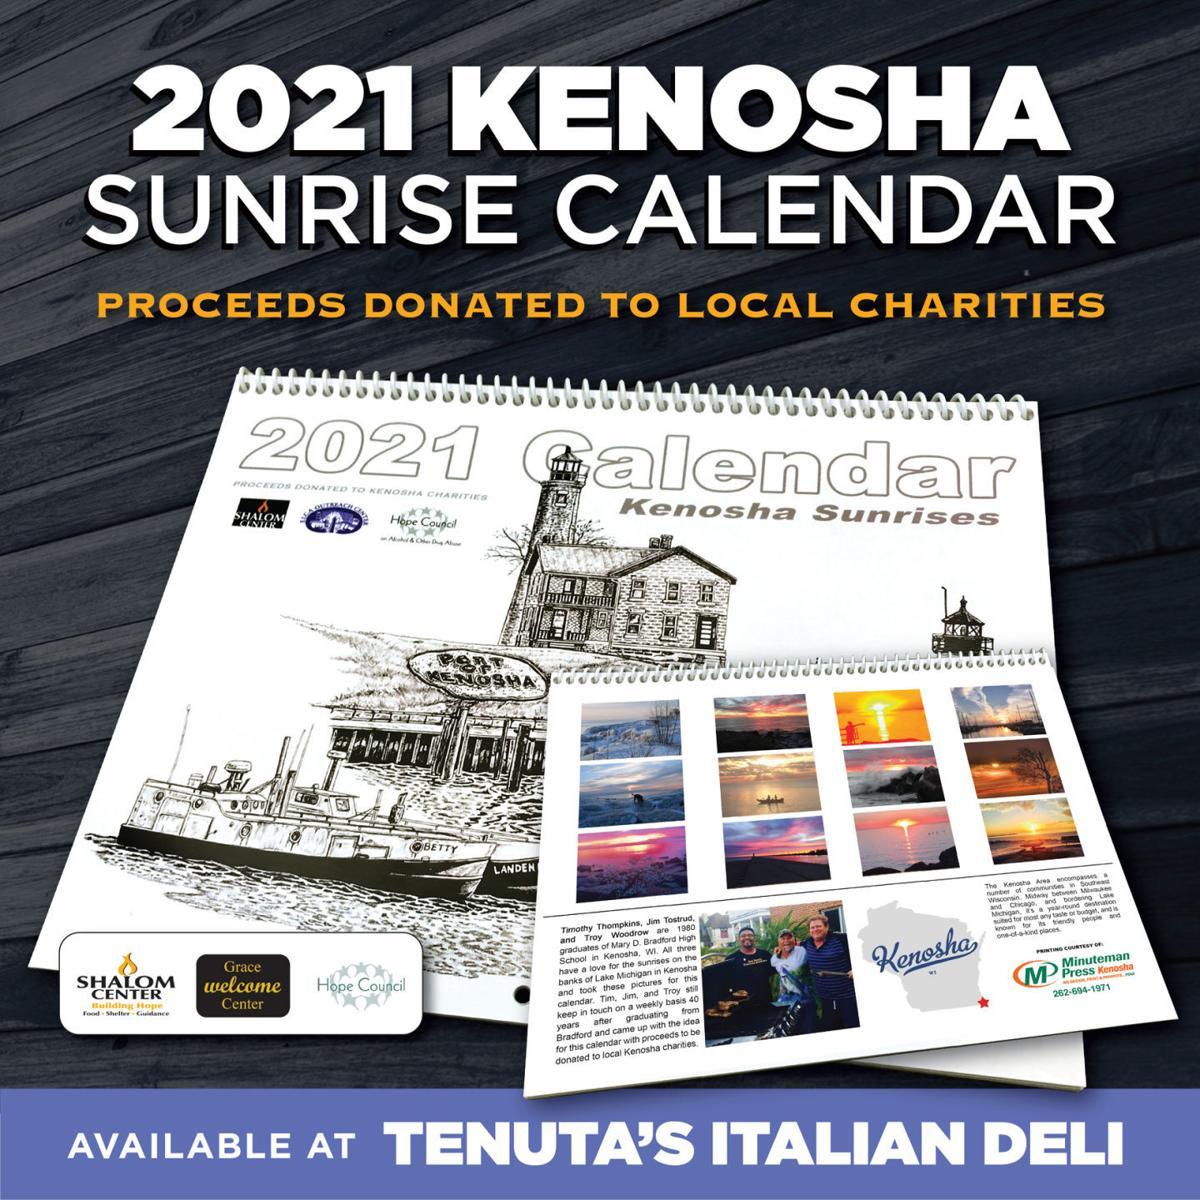 Calendar Kenosha Sunrise.jpg